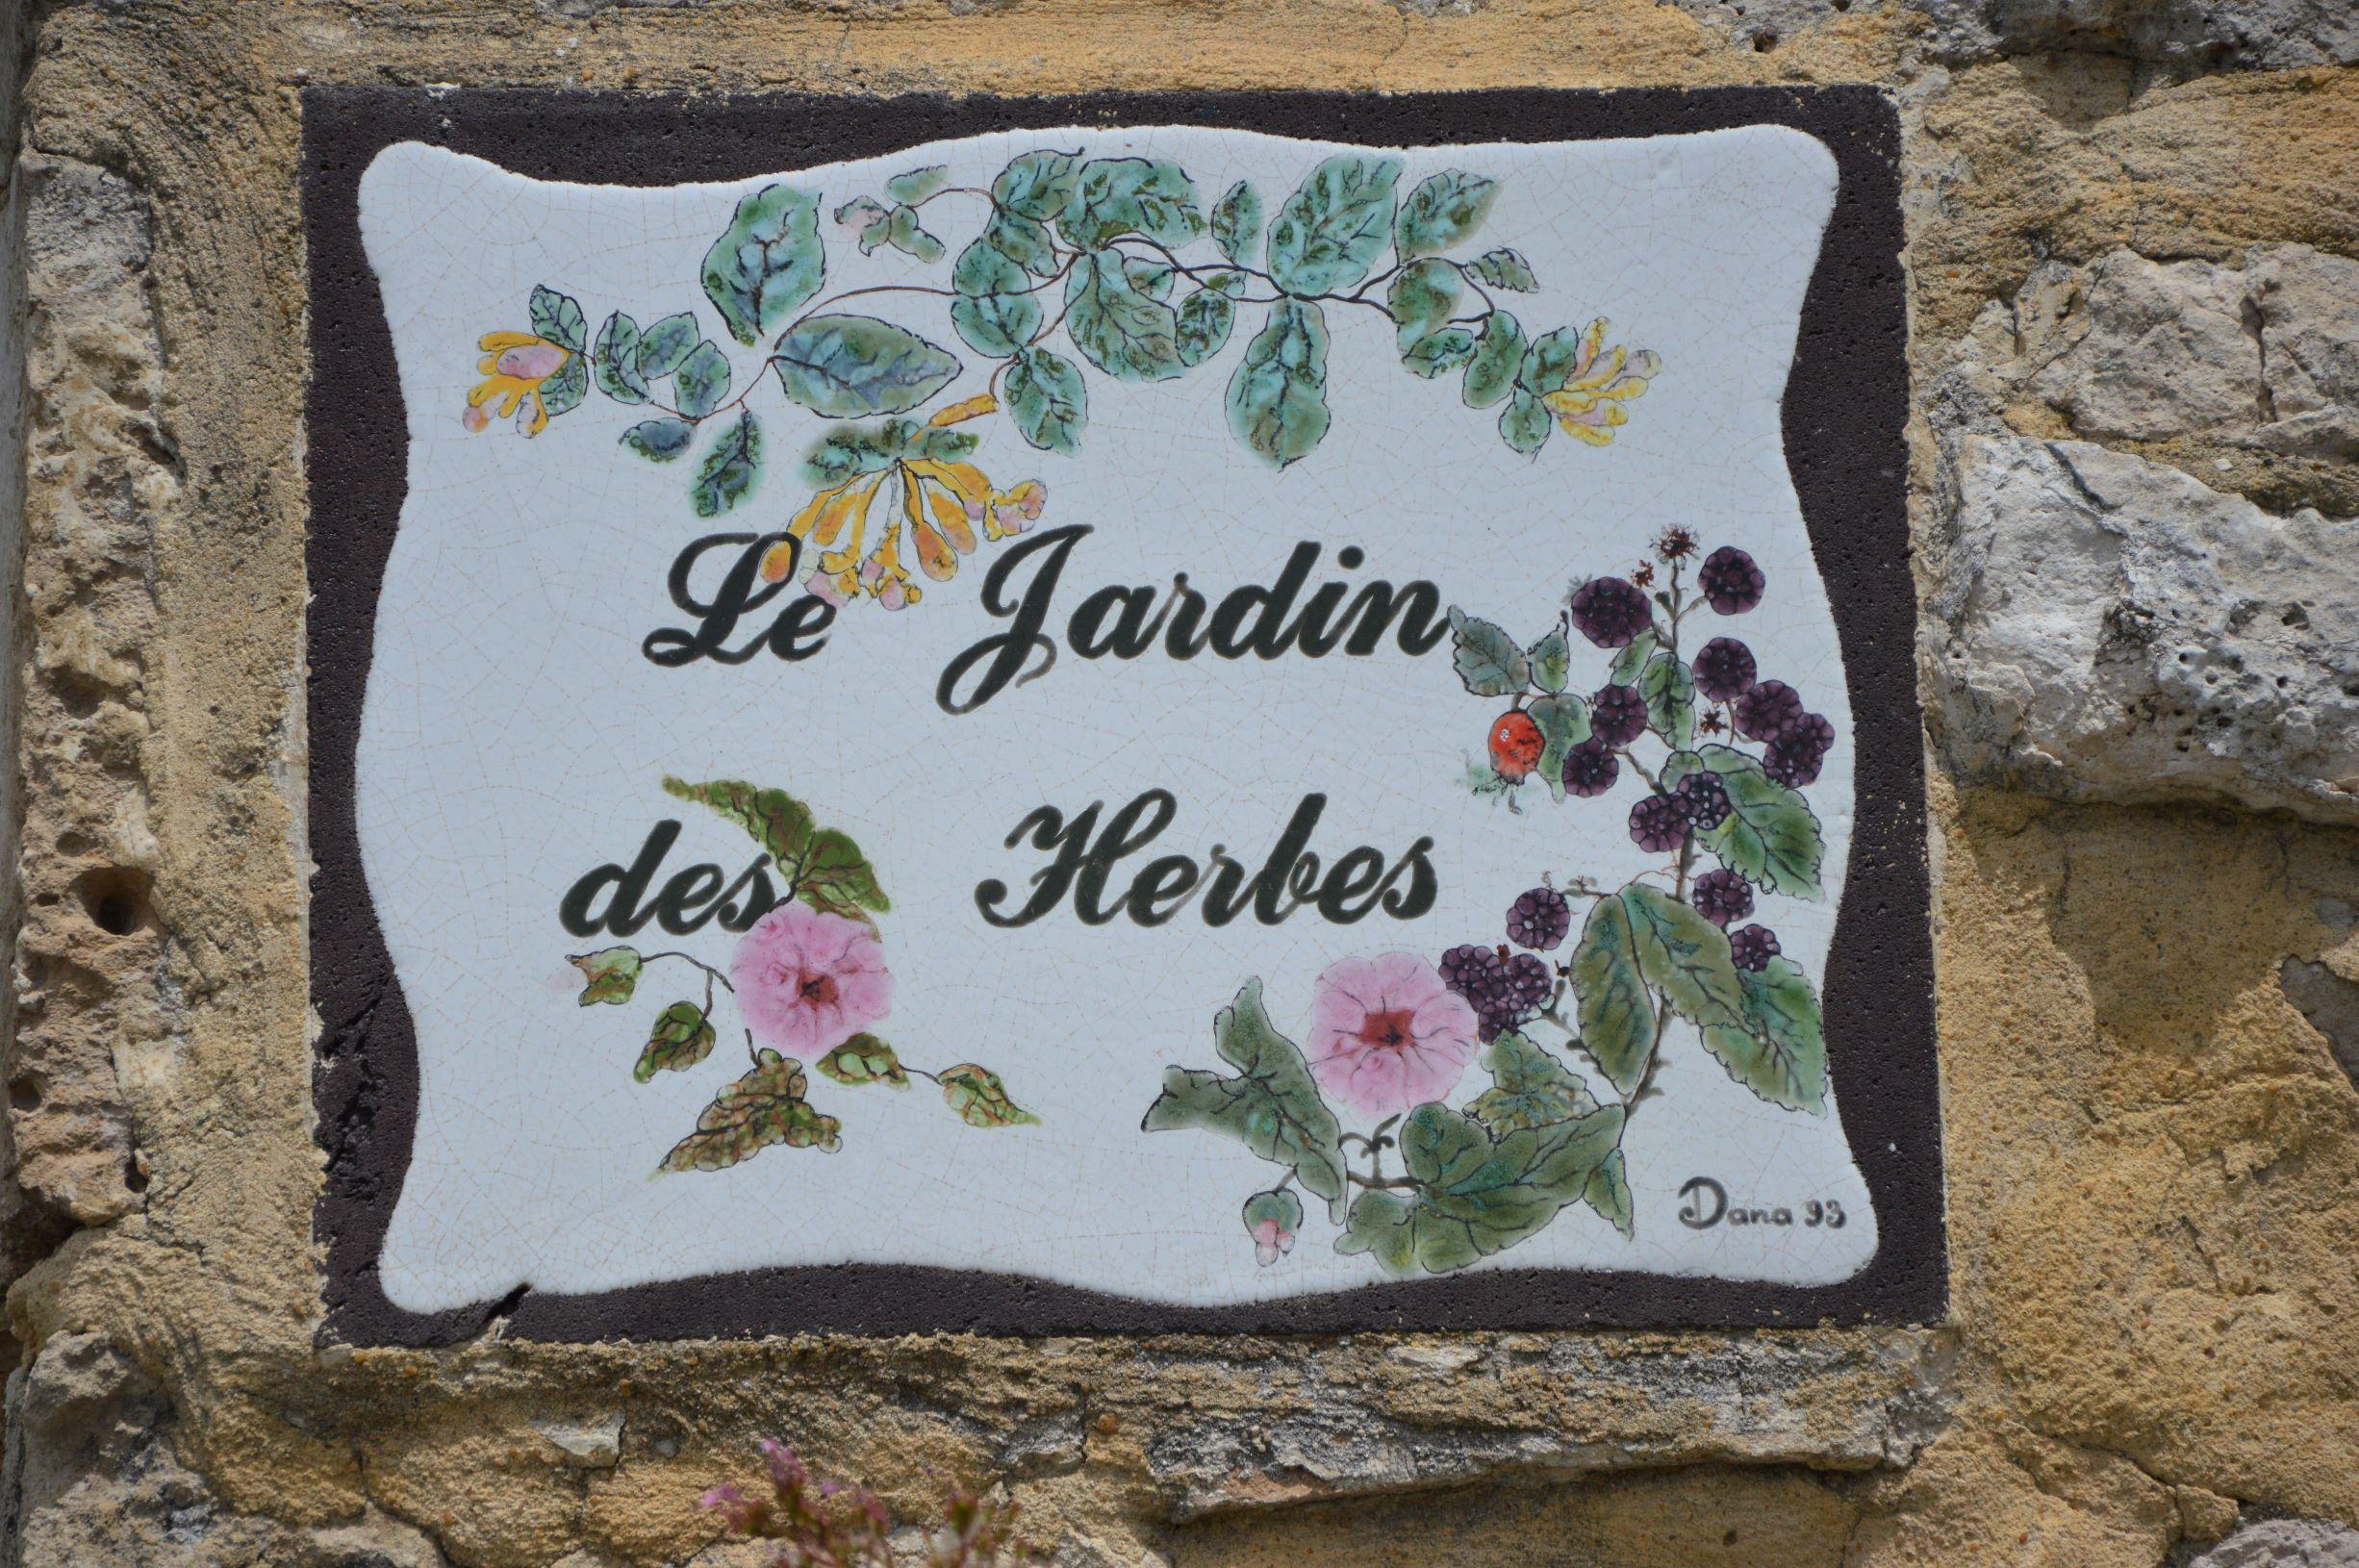 LGA - Syl R - 2014 - OTI jardin des herbes _3_ reduit.JPG